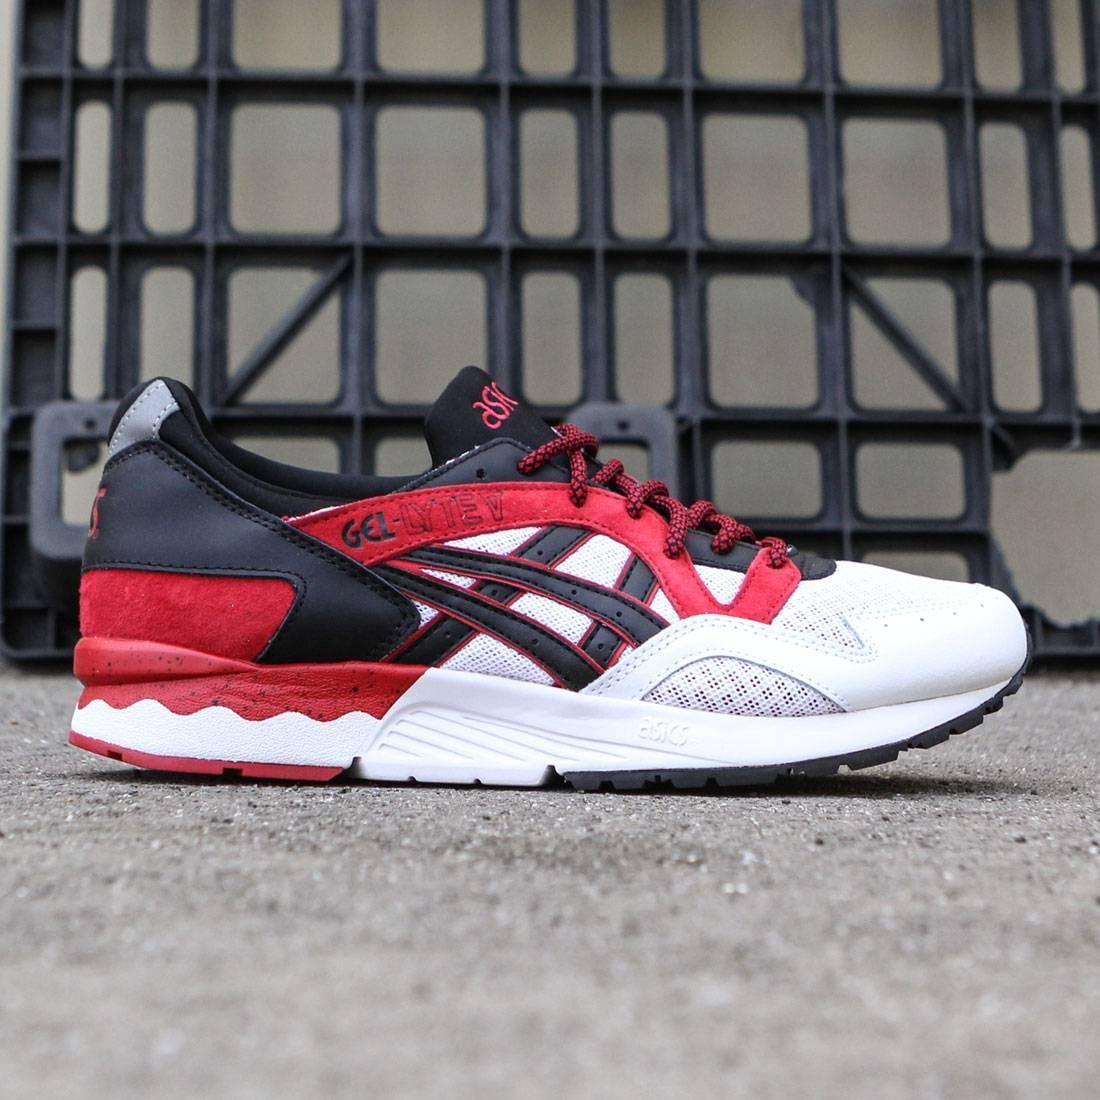 【海外限定】アシックス 靴 メンズ靴 【 ASICS TIGER MEN GELLYTE V RED BLACK 】